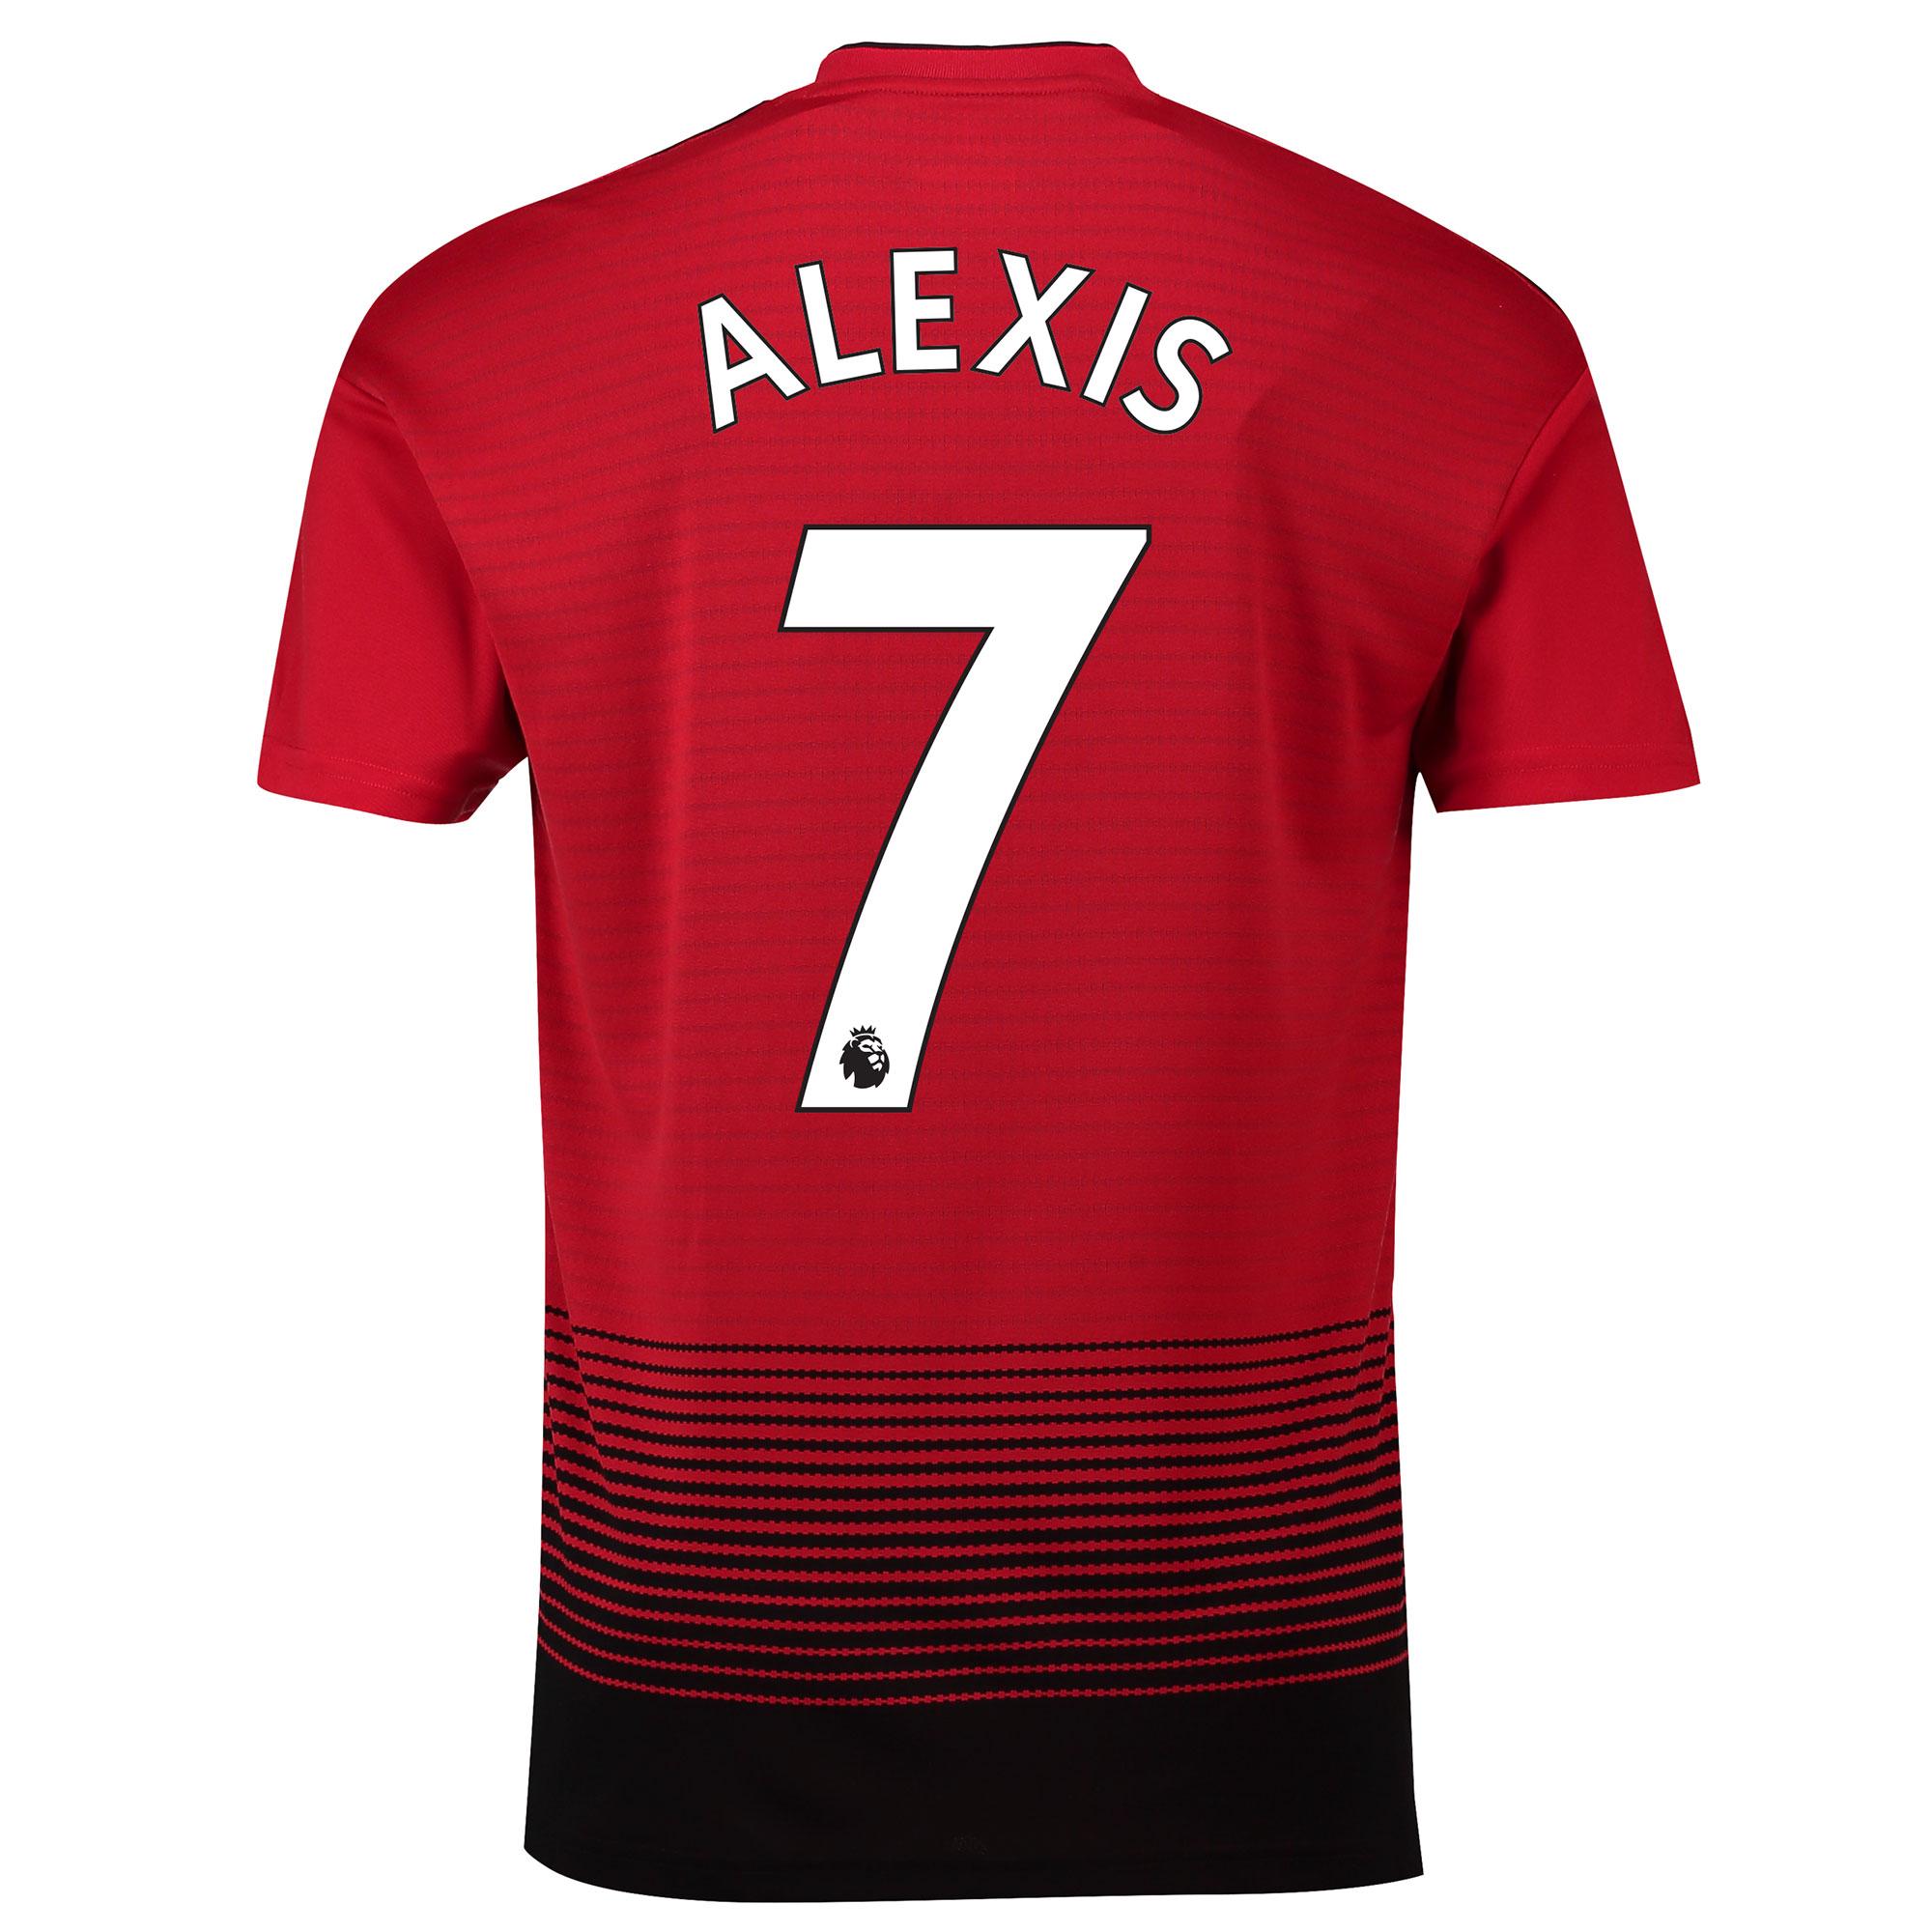 マンチェスター ユナイテッド ホーム シャツ 2018-19 - Alexis 7 プリント